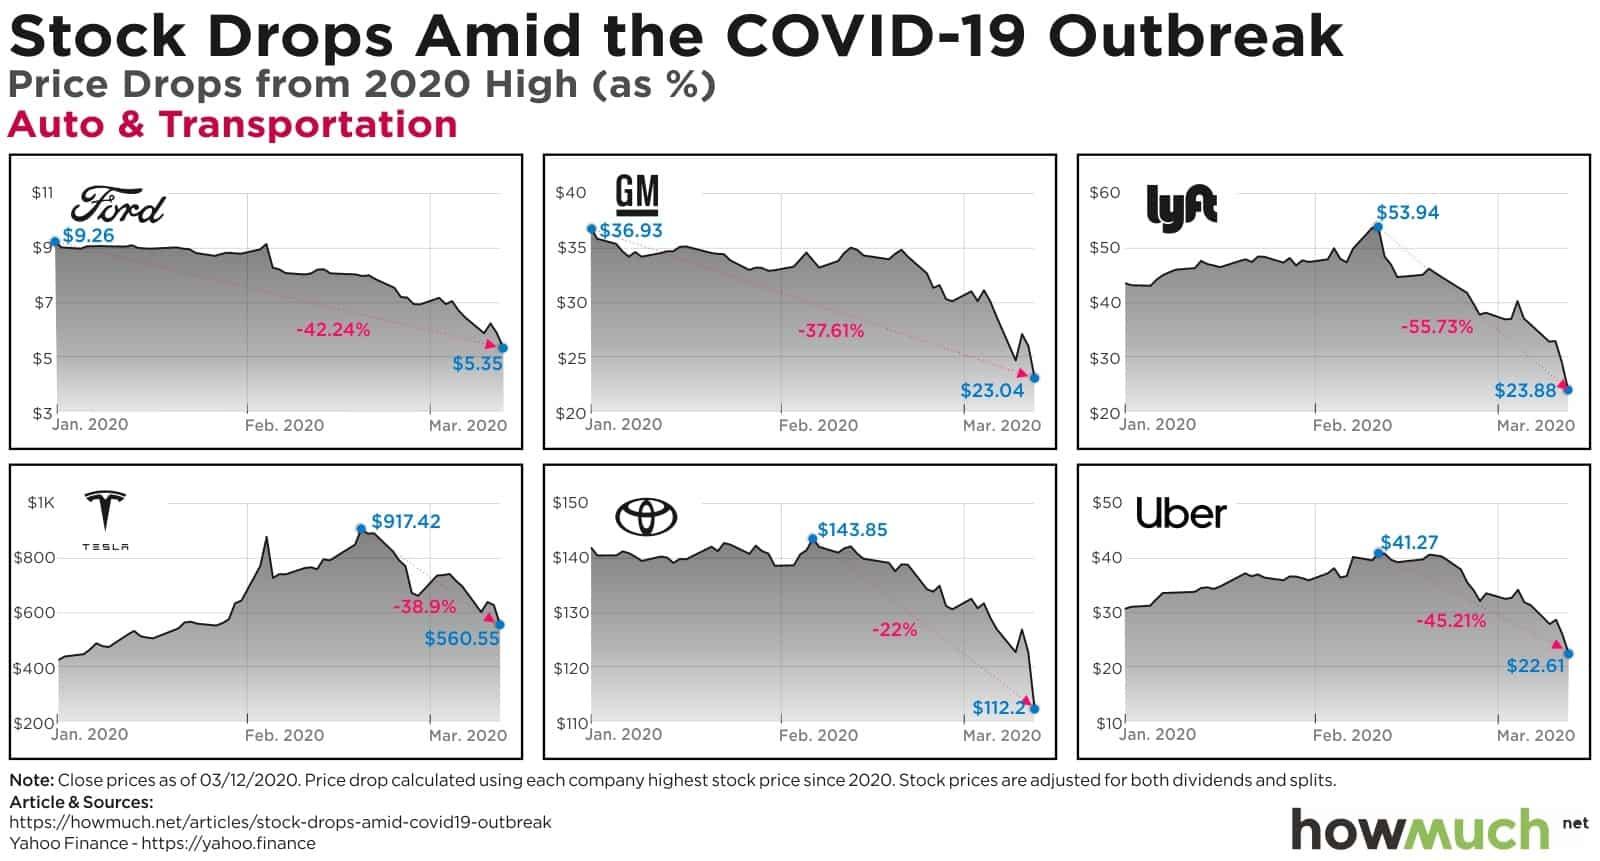 EEUU valores desplome covid-19 - 02